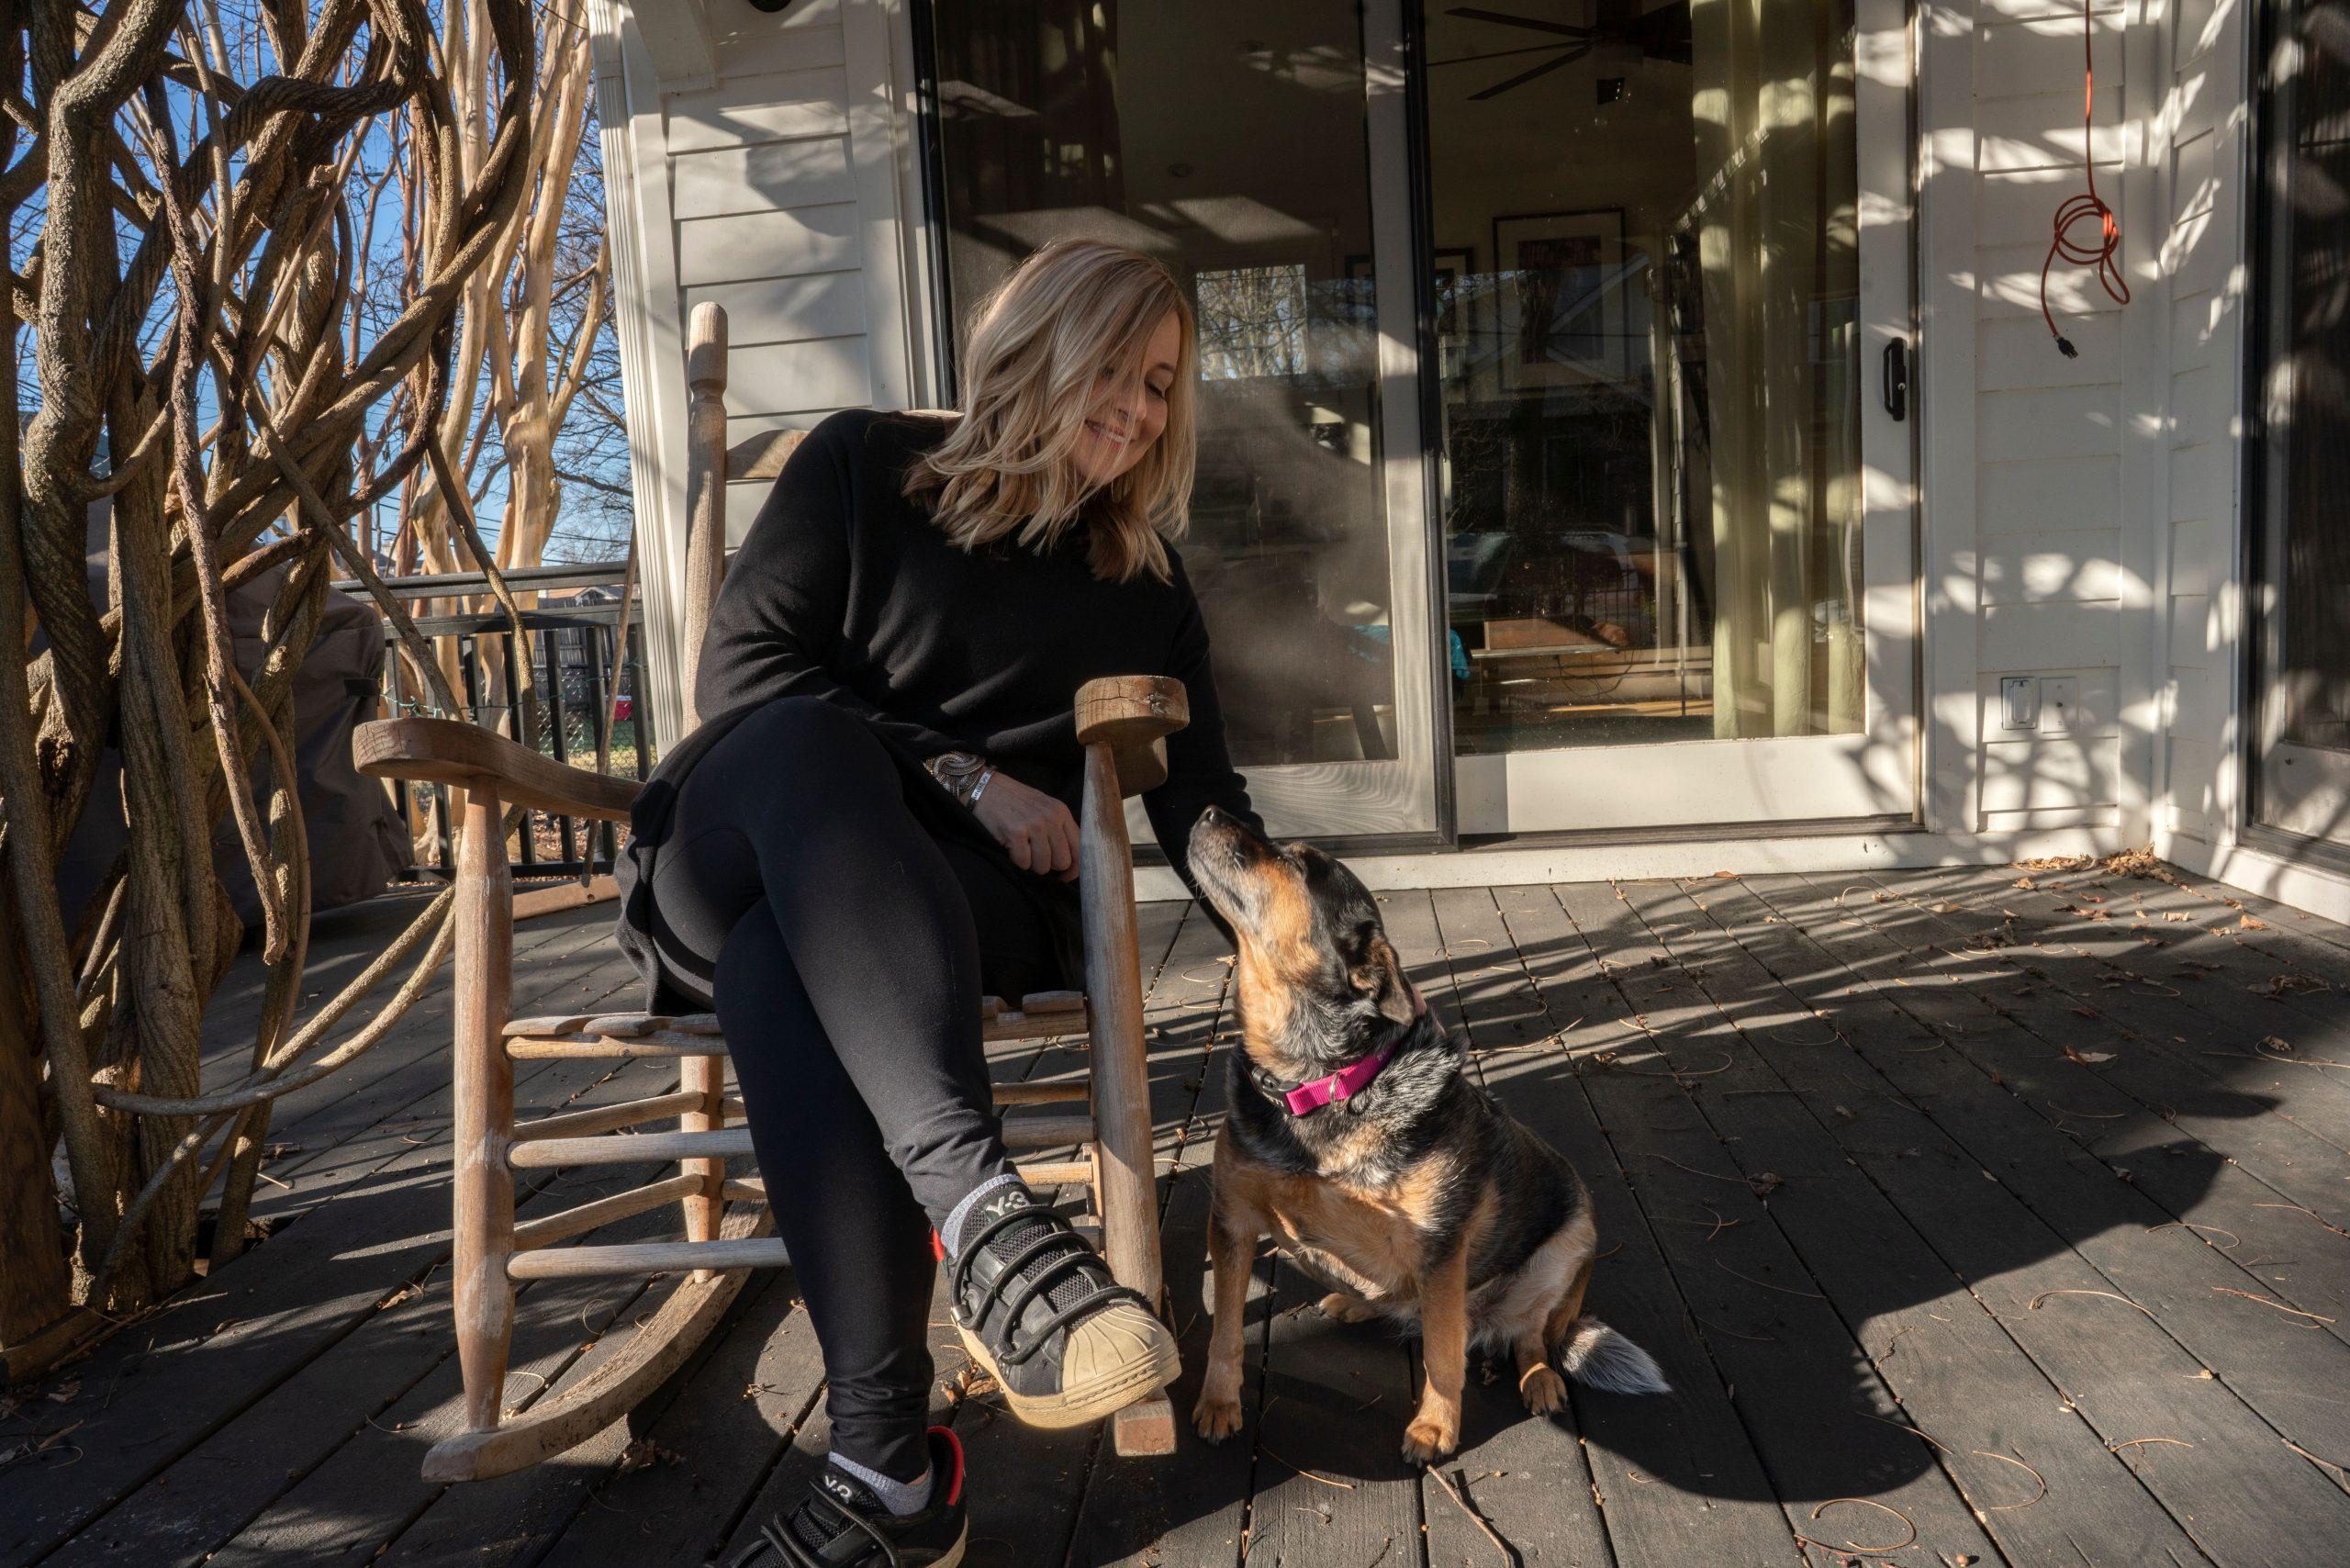 Barry shares her porch with dog Natasha. (Photo: John Partipilo)